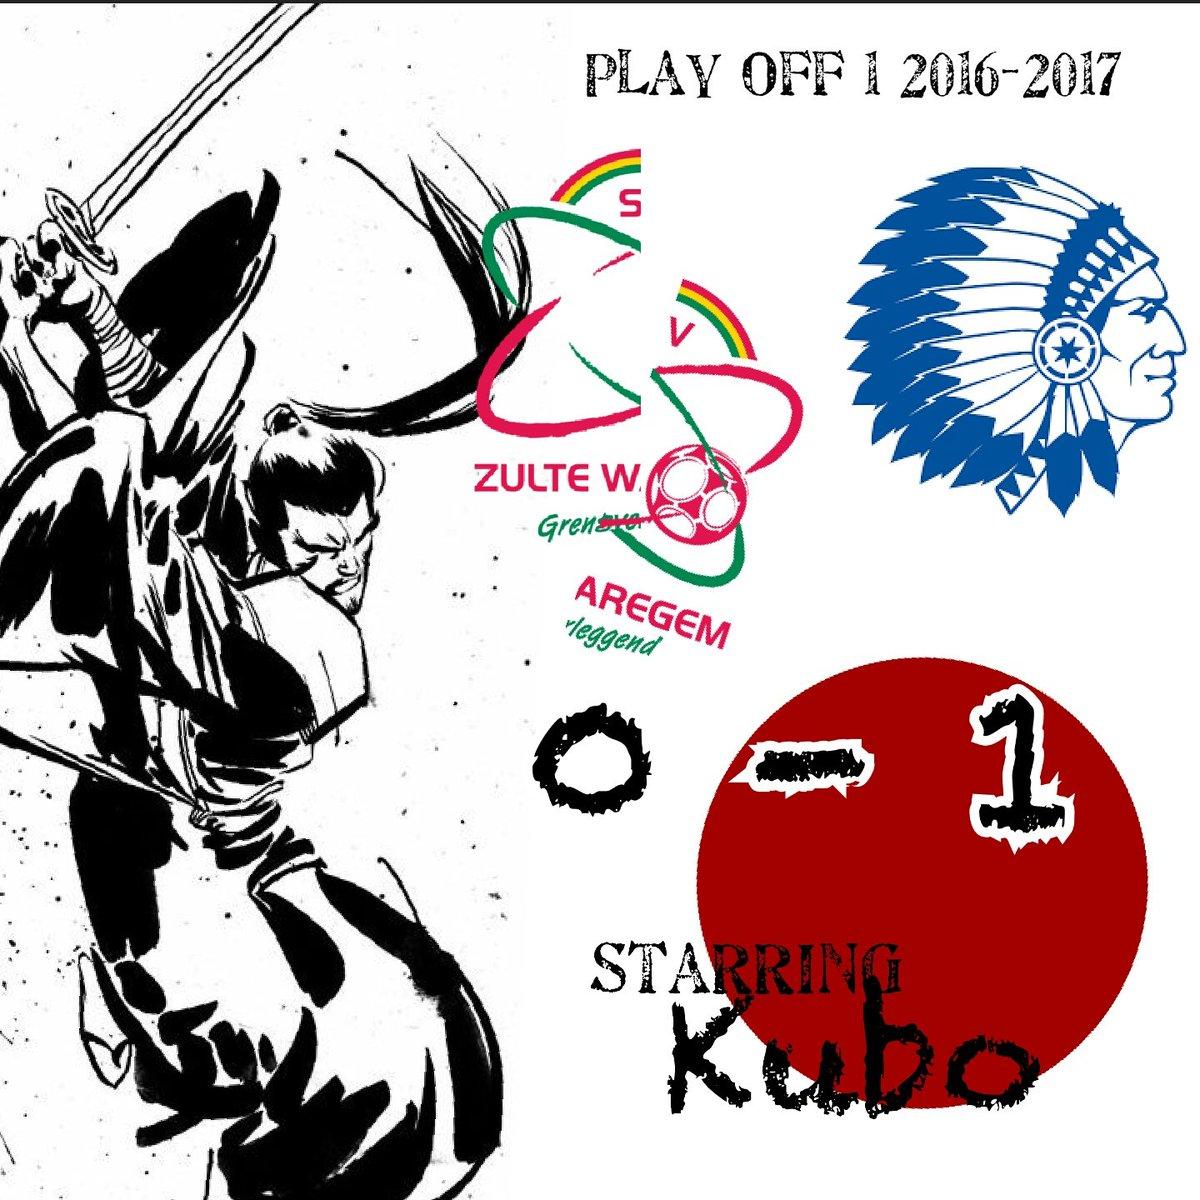 We gaan rusten met een 0-1 voorsprong, doelpunt van Yuya Kubo